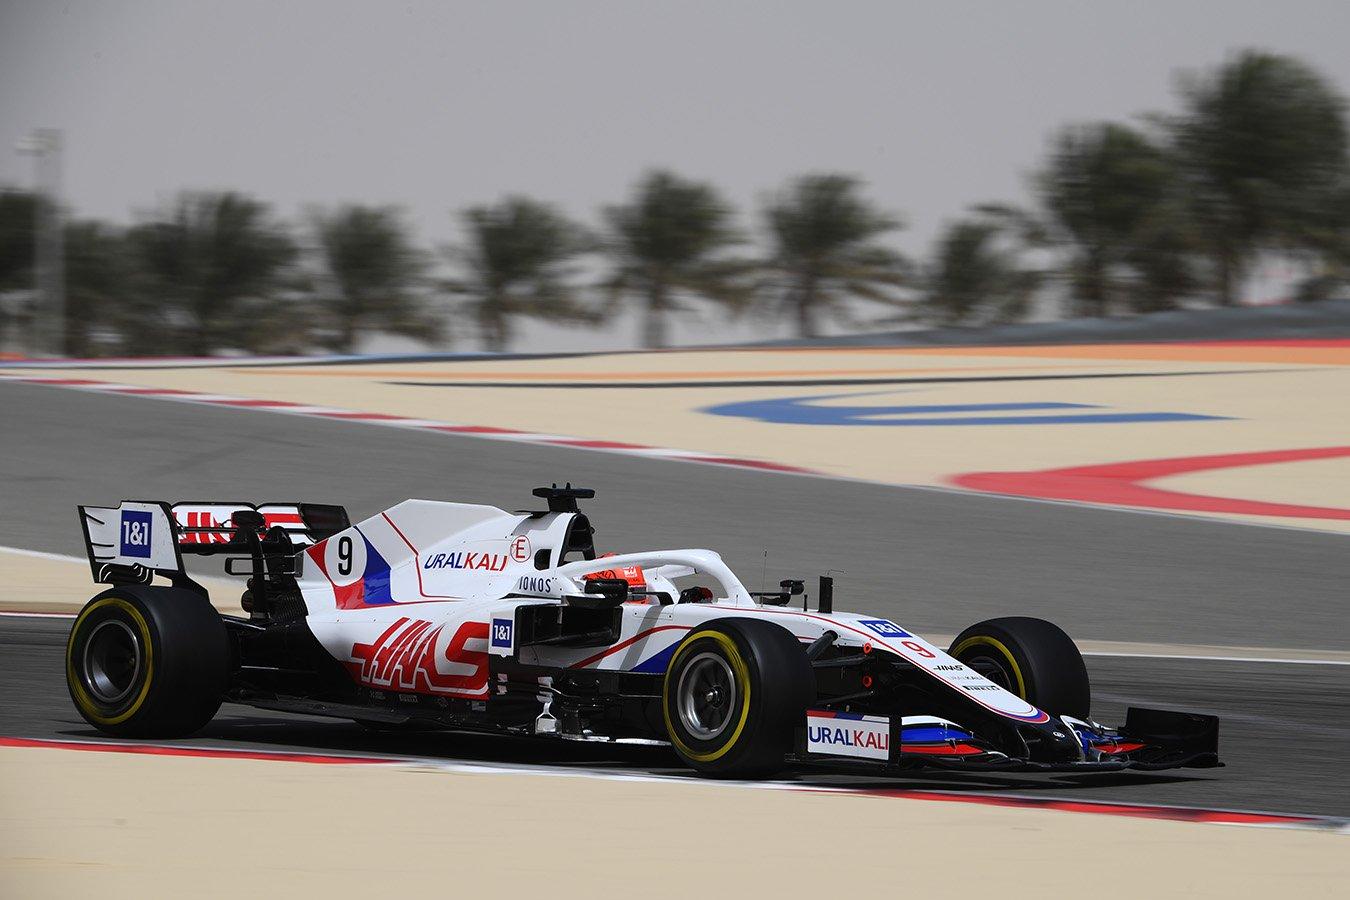 Мазепин рассказал, почему чуть не врезался в стену во время гонки Формулы-1 в Баку